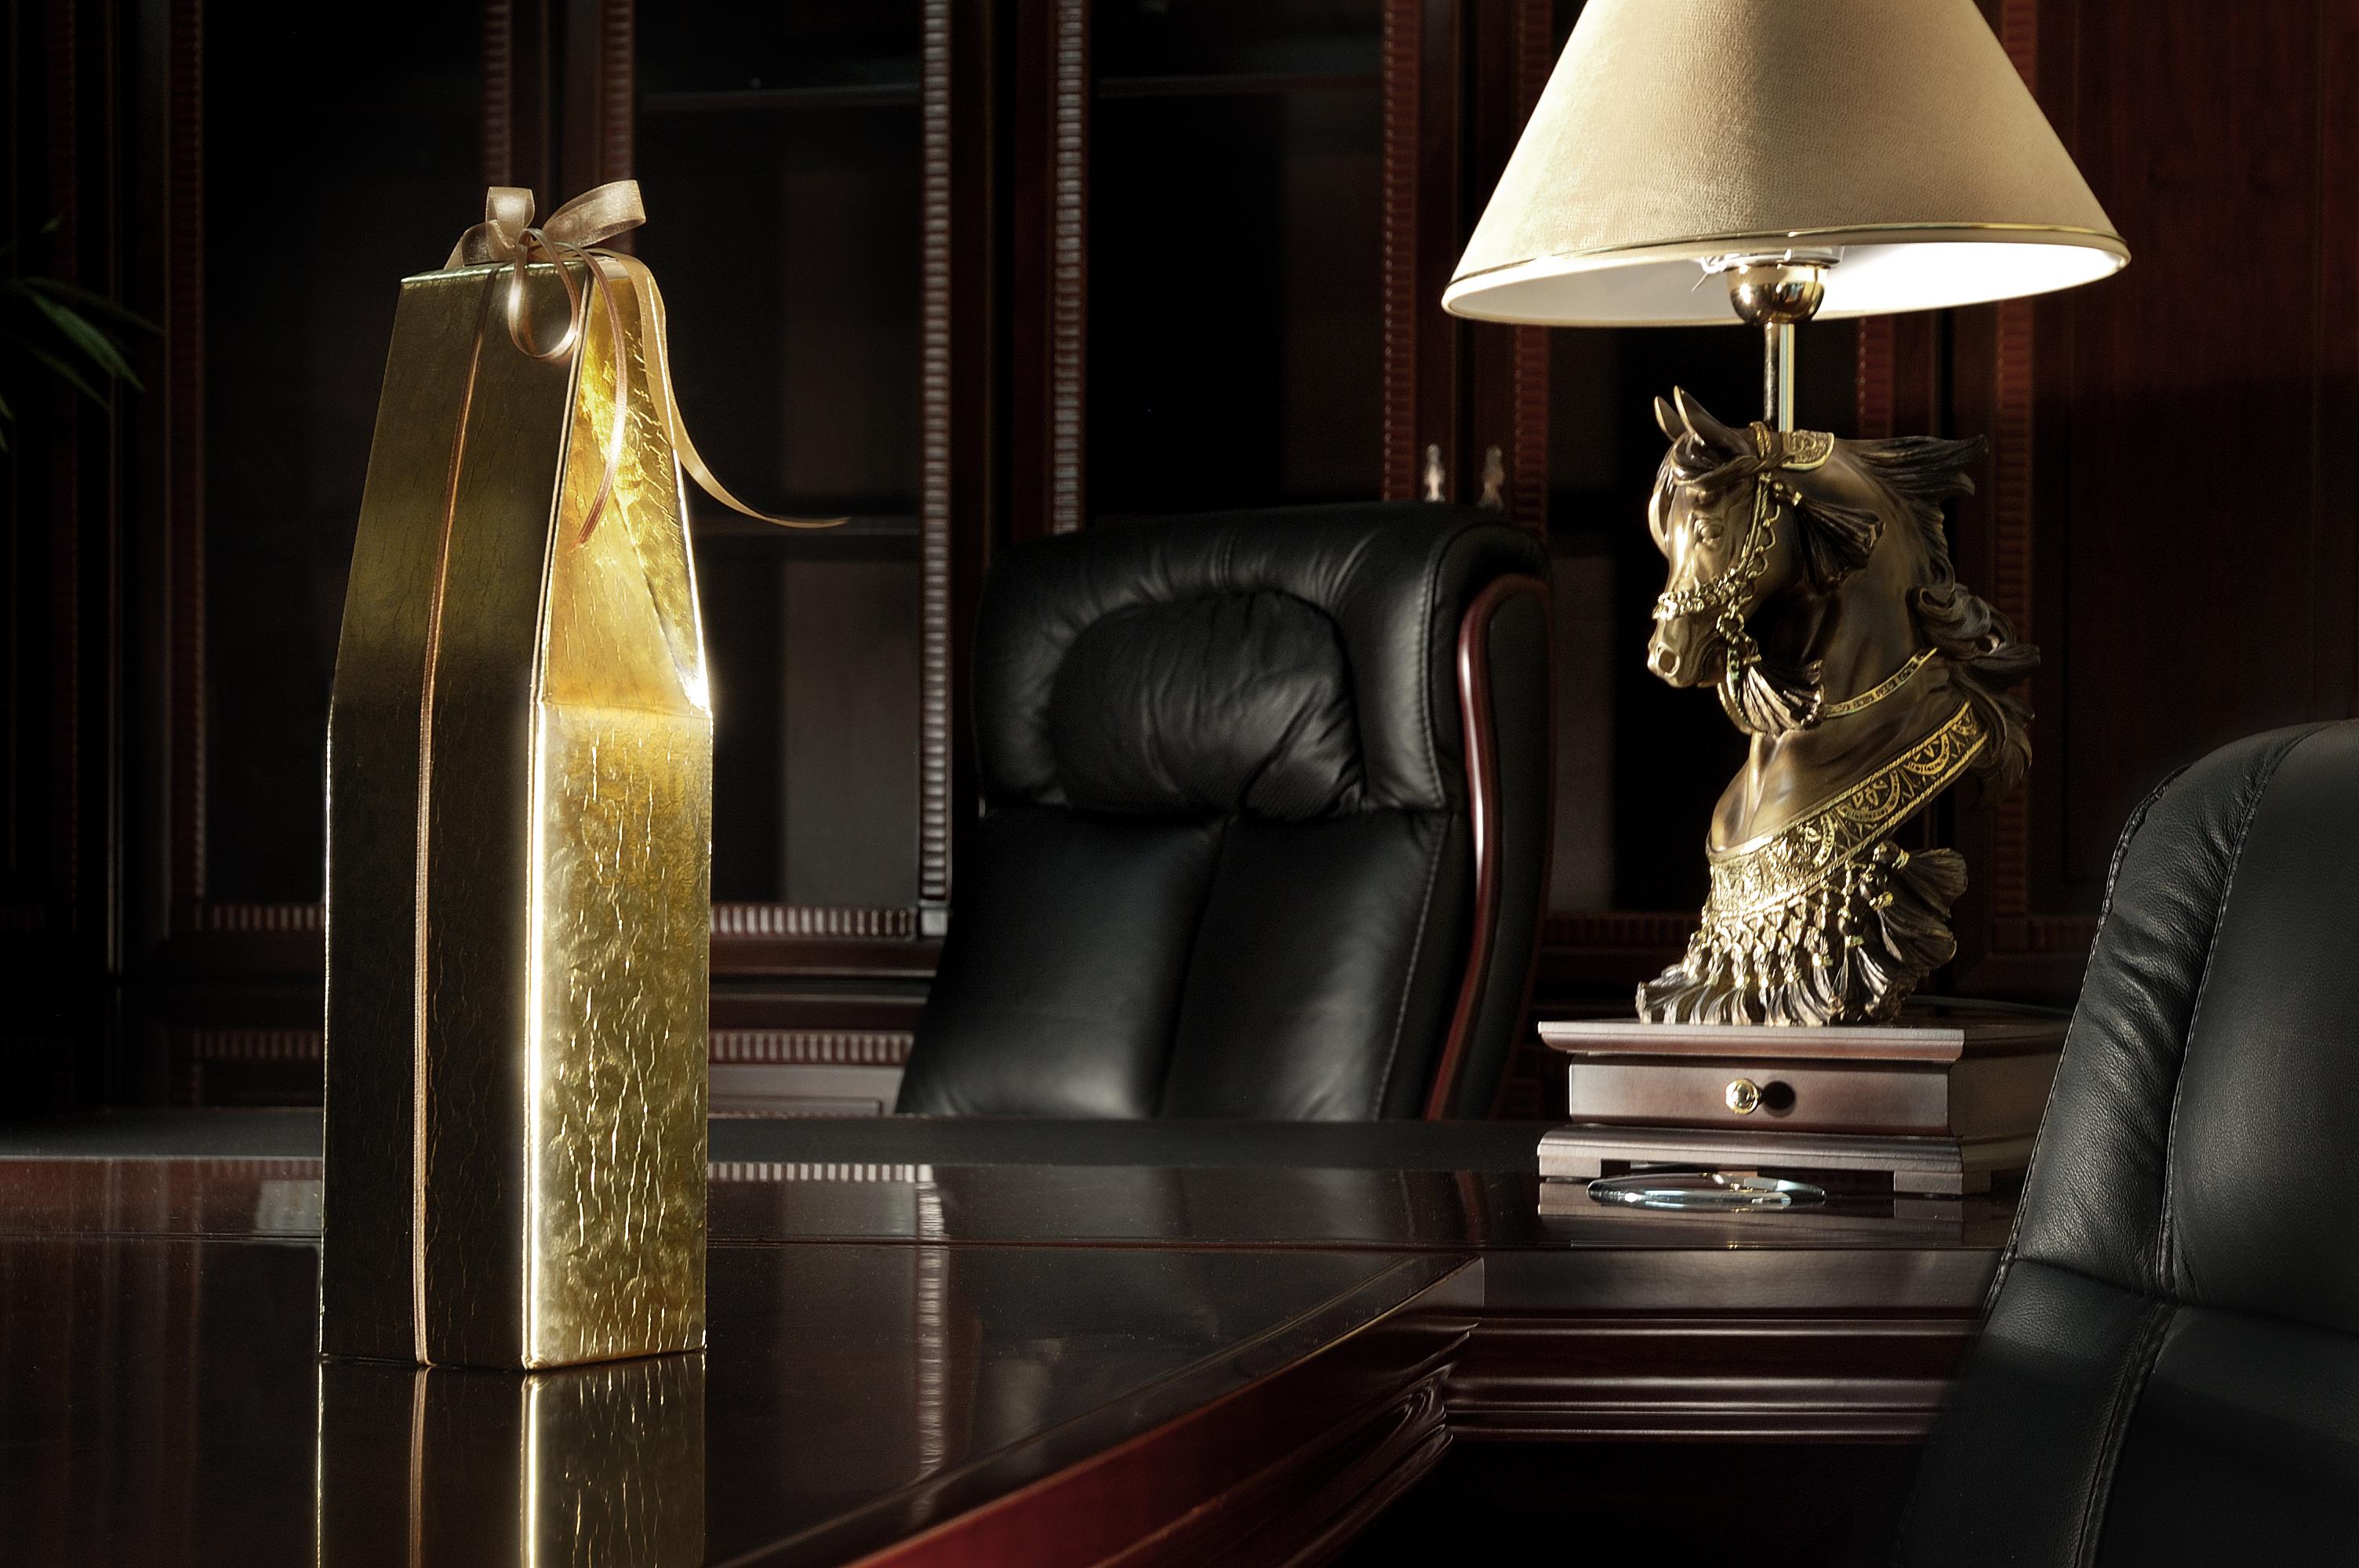 Брандирани сувенири за бюро